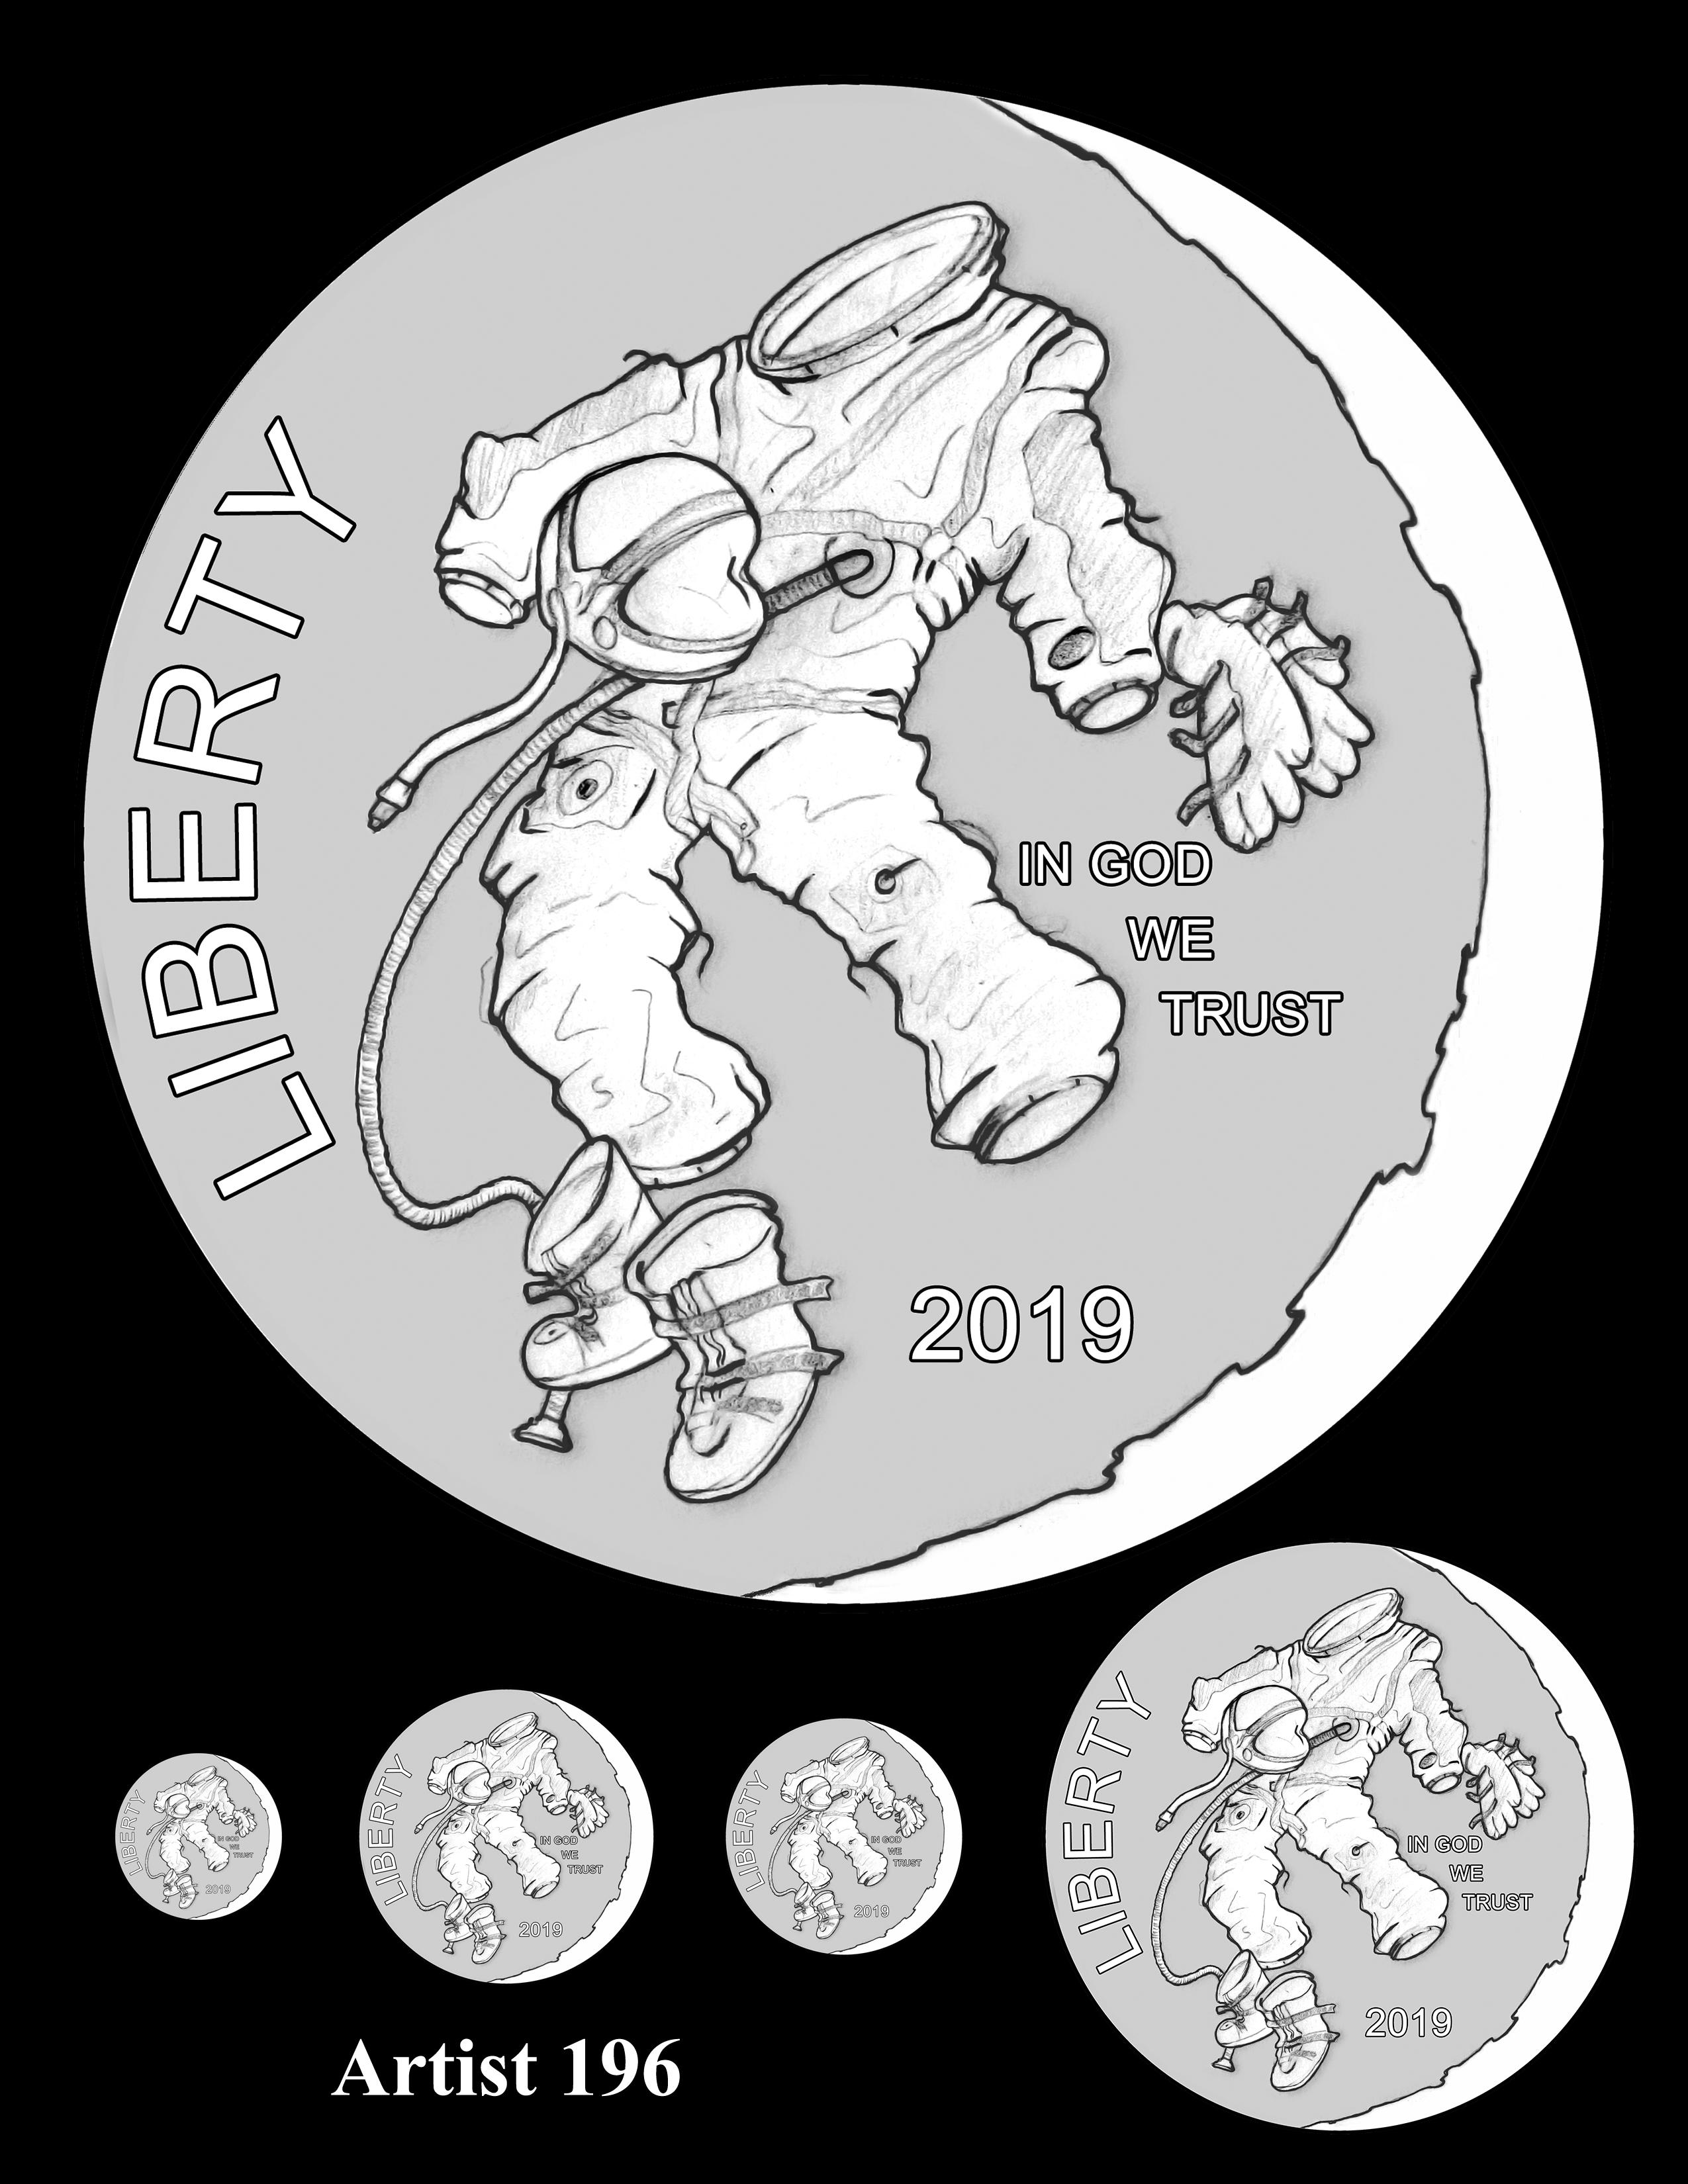 Artist 196 -- Apollo 11 50th Anniversary Commemorative Coin Obverse Design Competition